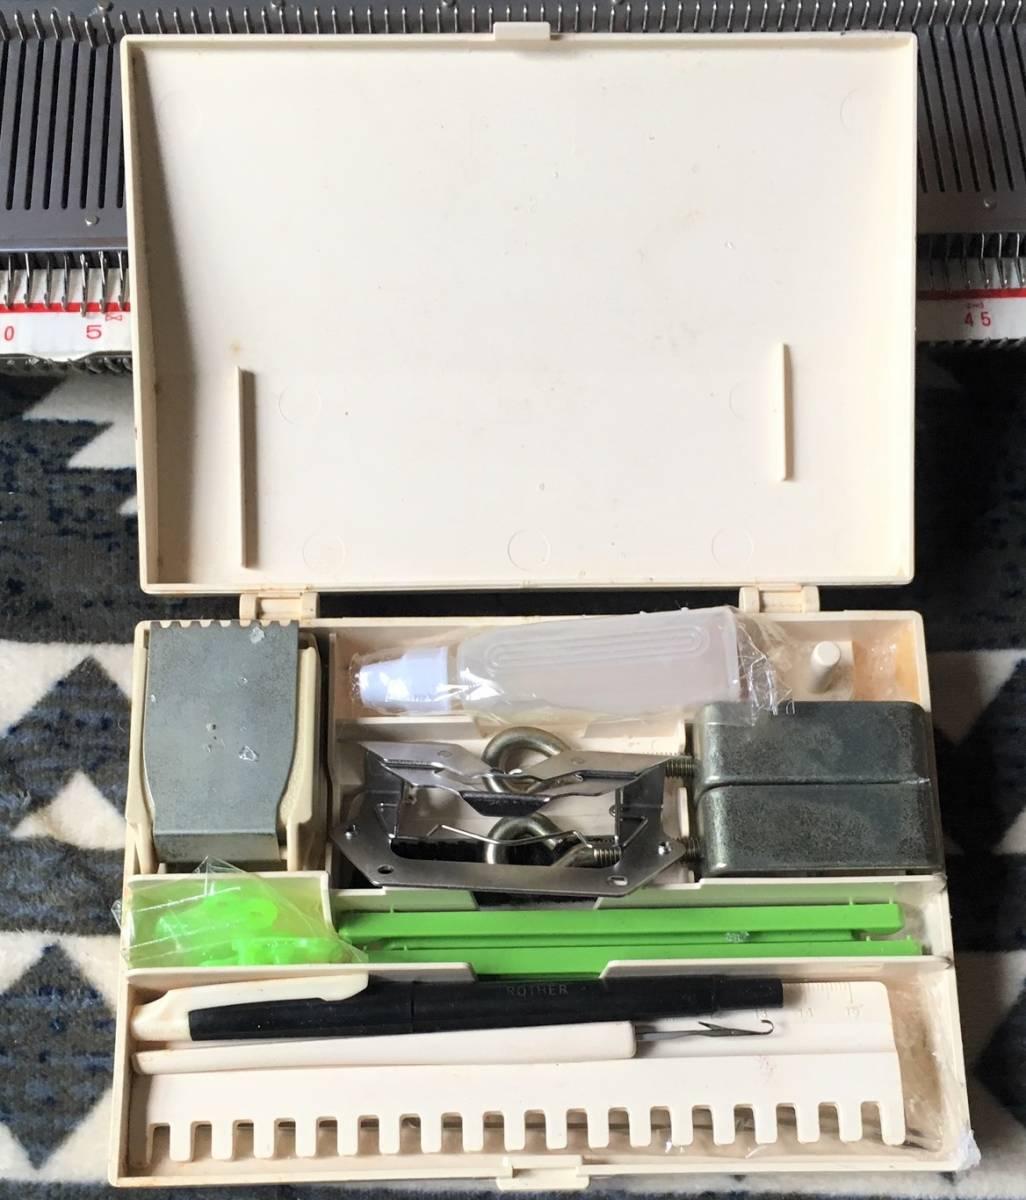 1  йен ~ 【 умение  ... личное пользование 】  brother   вязальная машинка   Palie  KH-871  вязальная машинка  brother  ретро